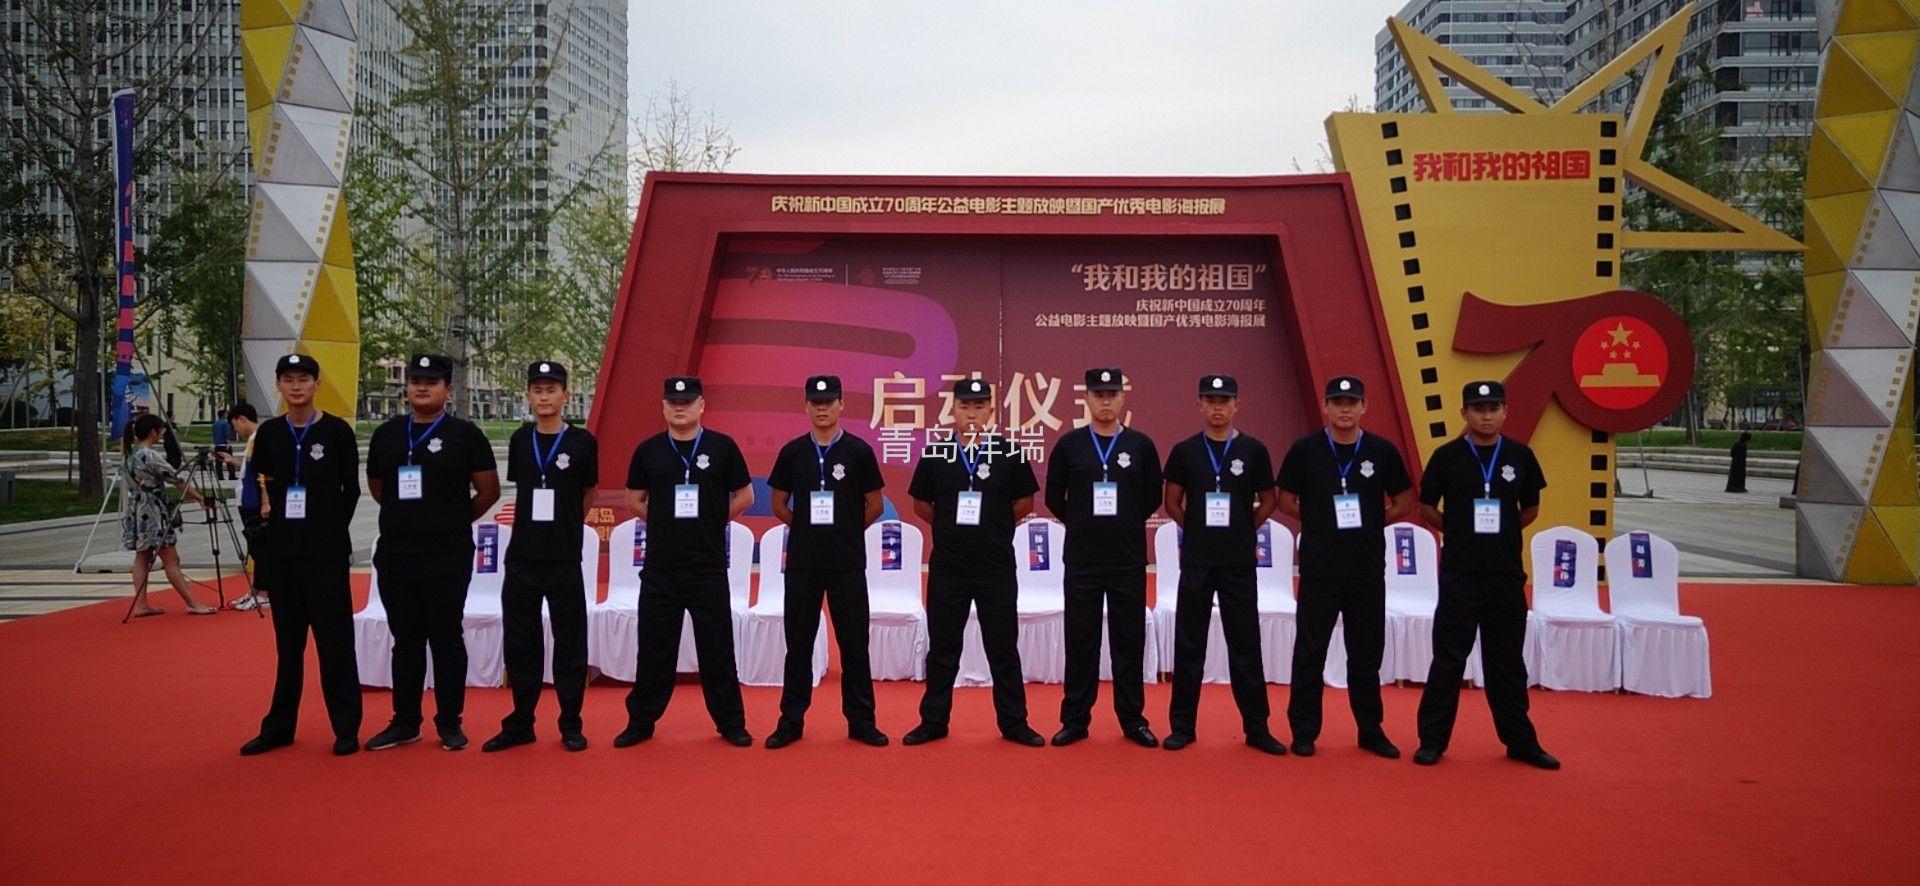 青岛保安员工作纪律如何成为一名出色的保安